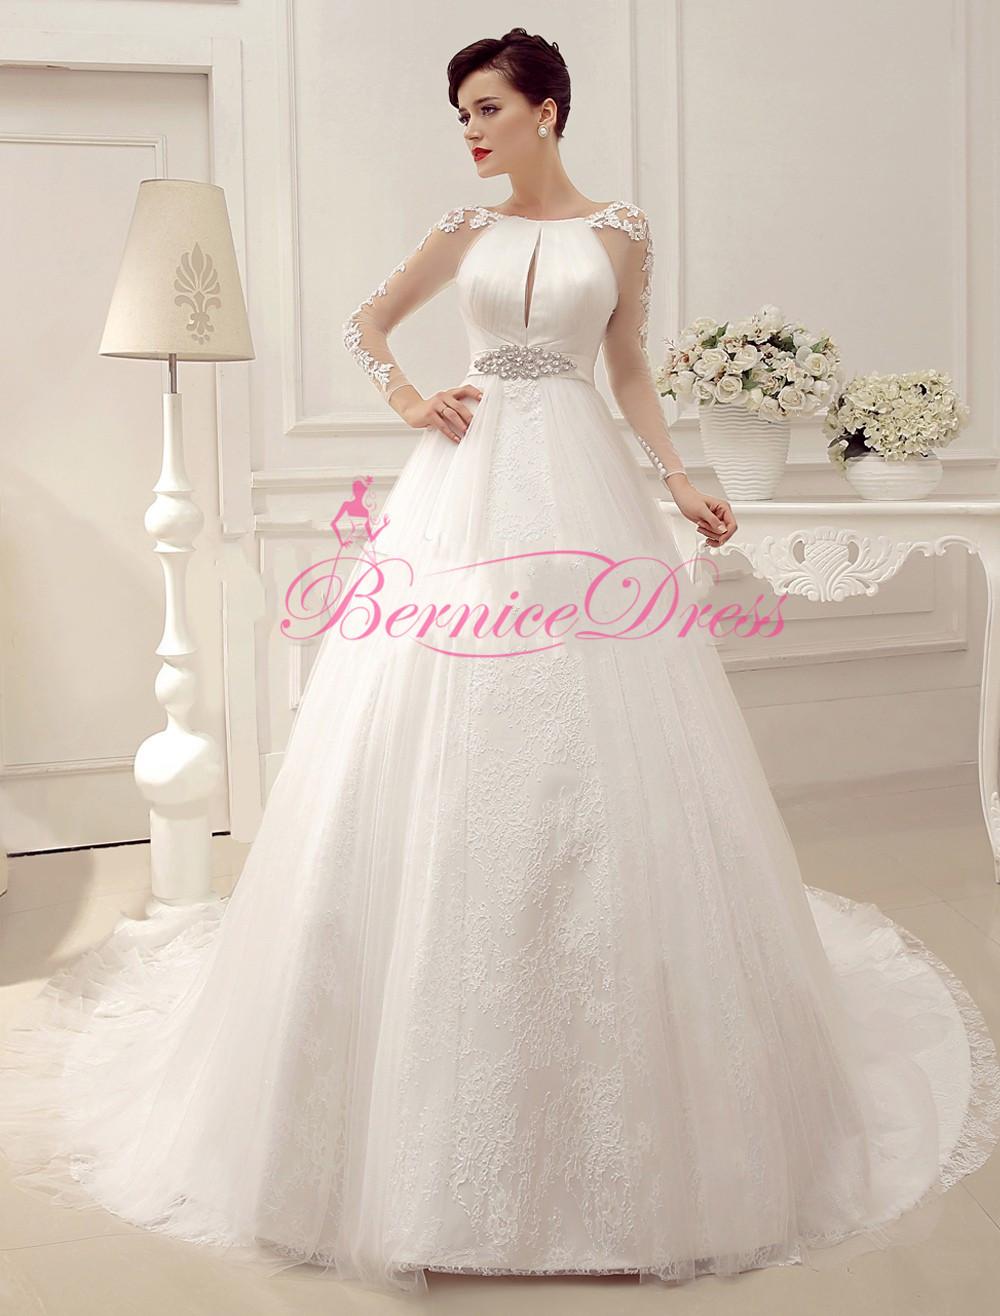 Романтический Vestidos Novia свадьба благородный совок империя суд поезд белый сетки с длинным рукавом пояса Vestido ренда-линии Weding платье